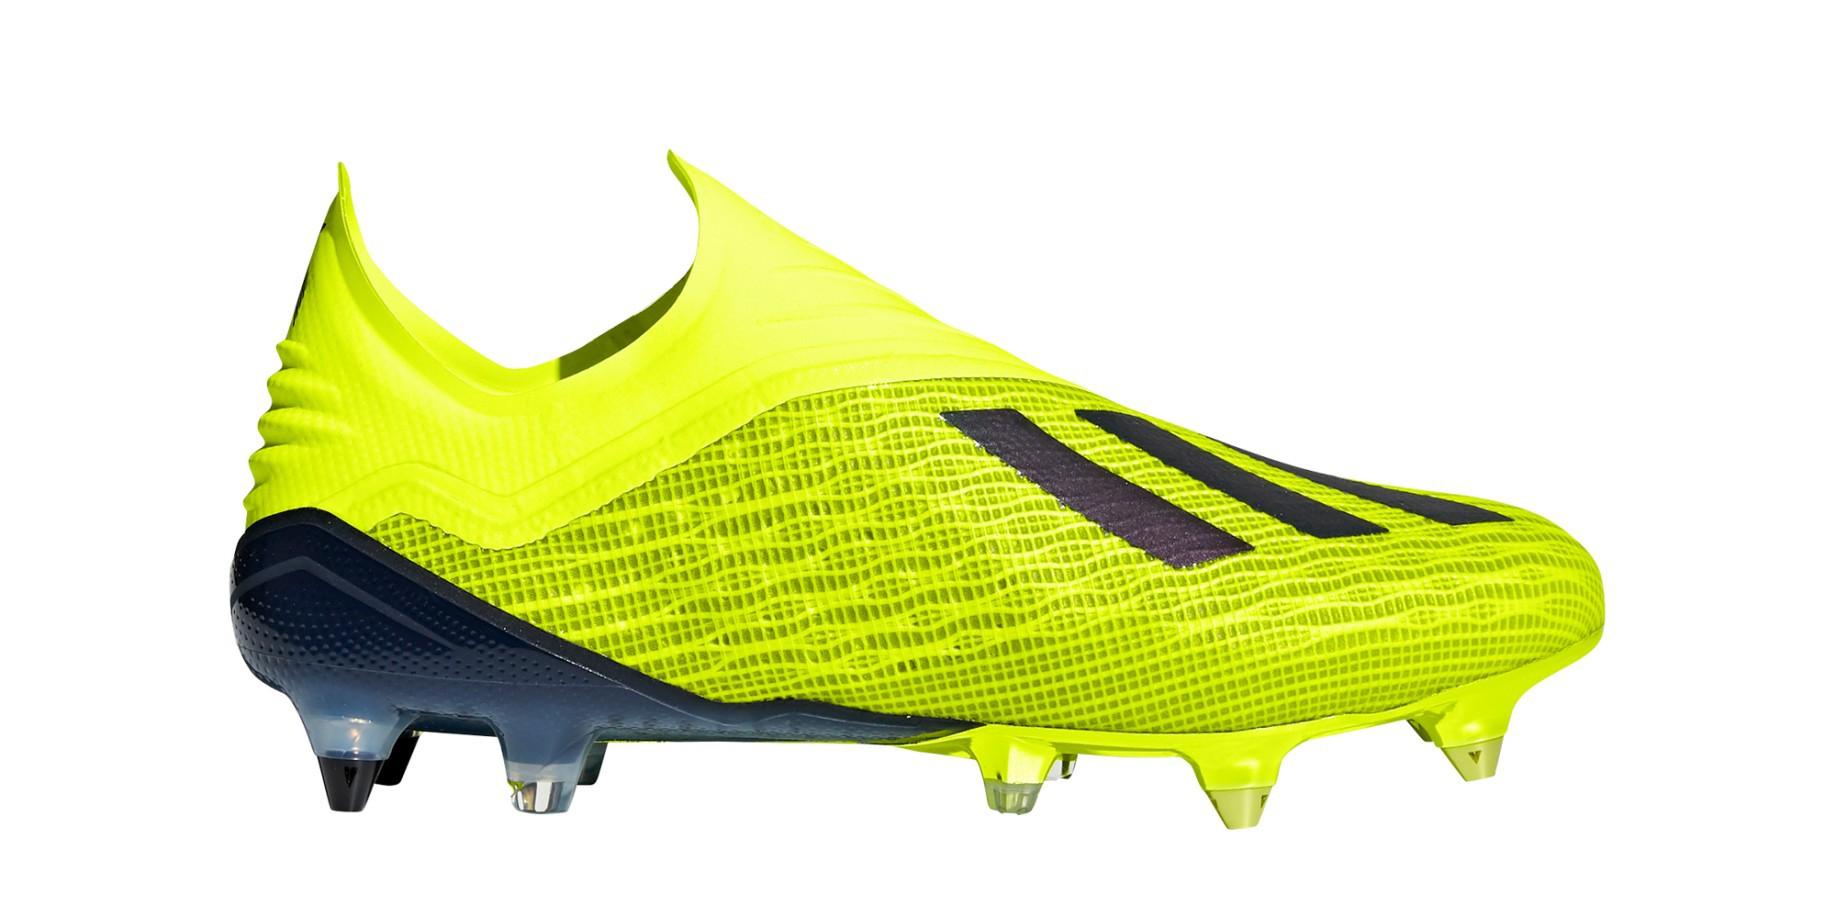 online retailer 91566 11095 Football boots Adidas X 18+ SG Team Mode Pack